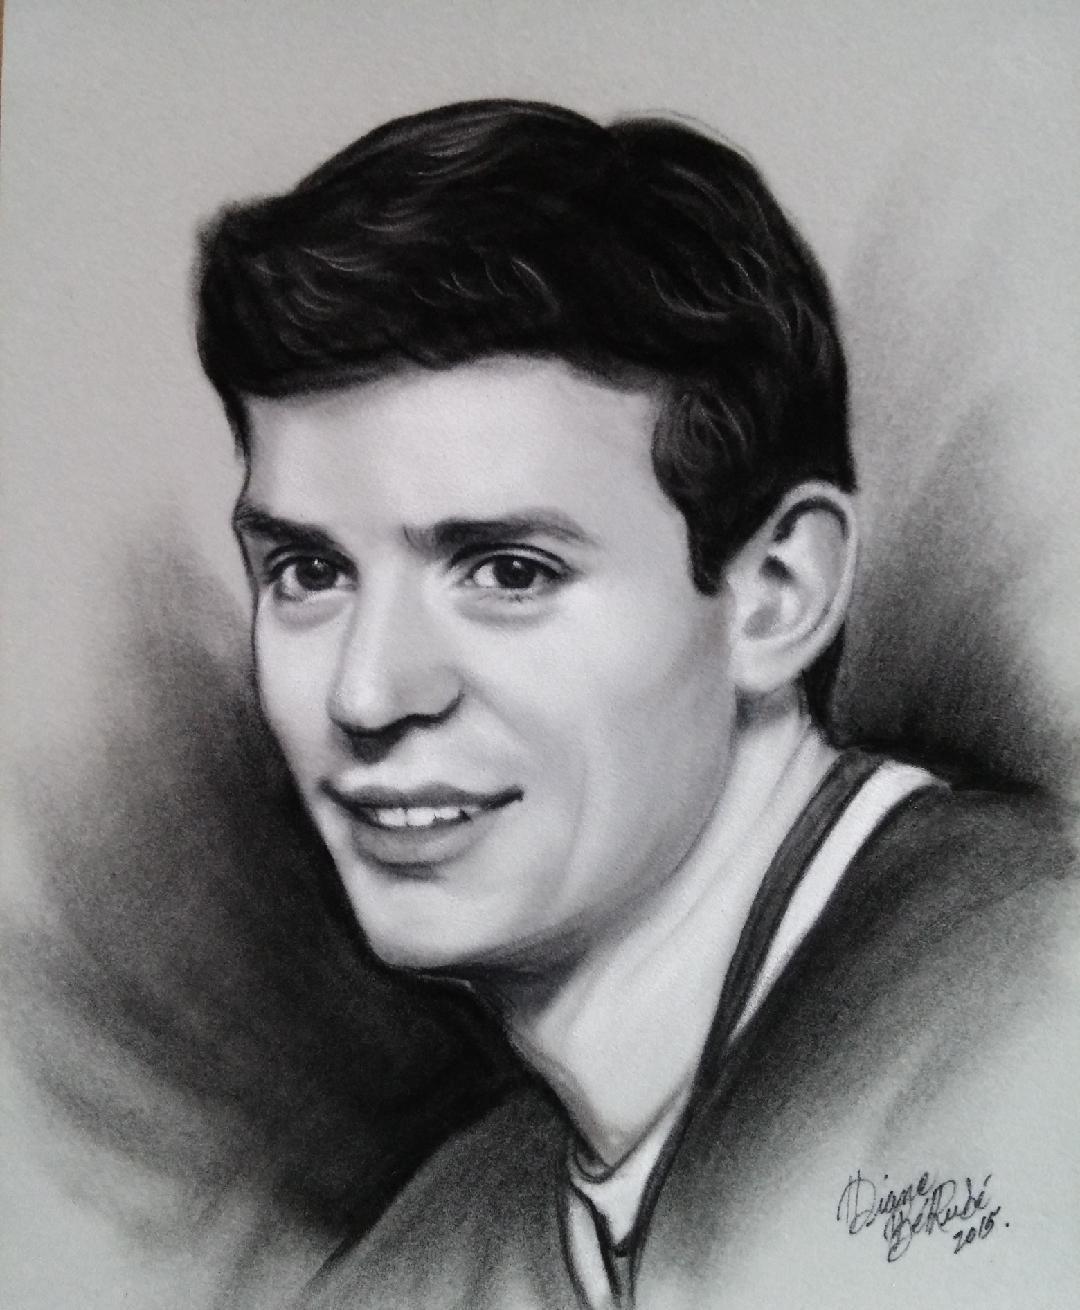 Cary Price fusain